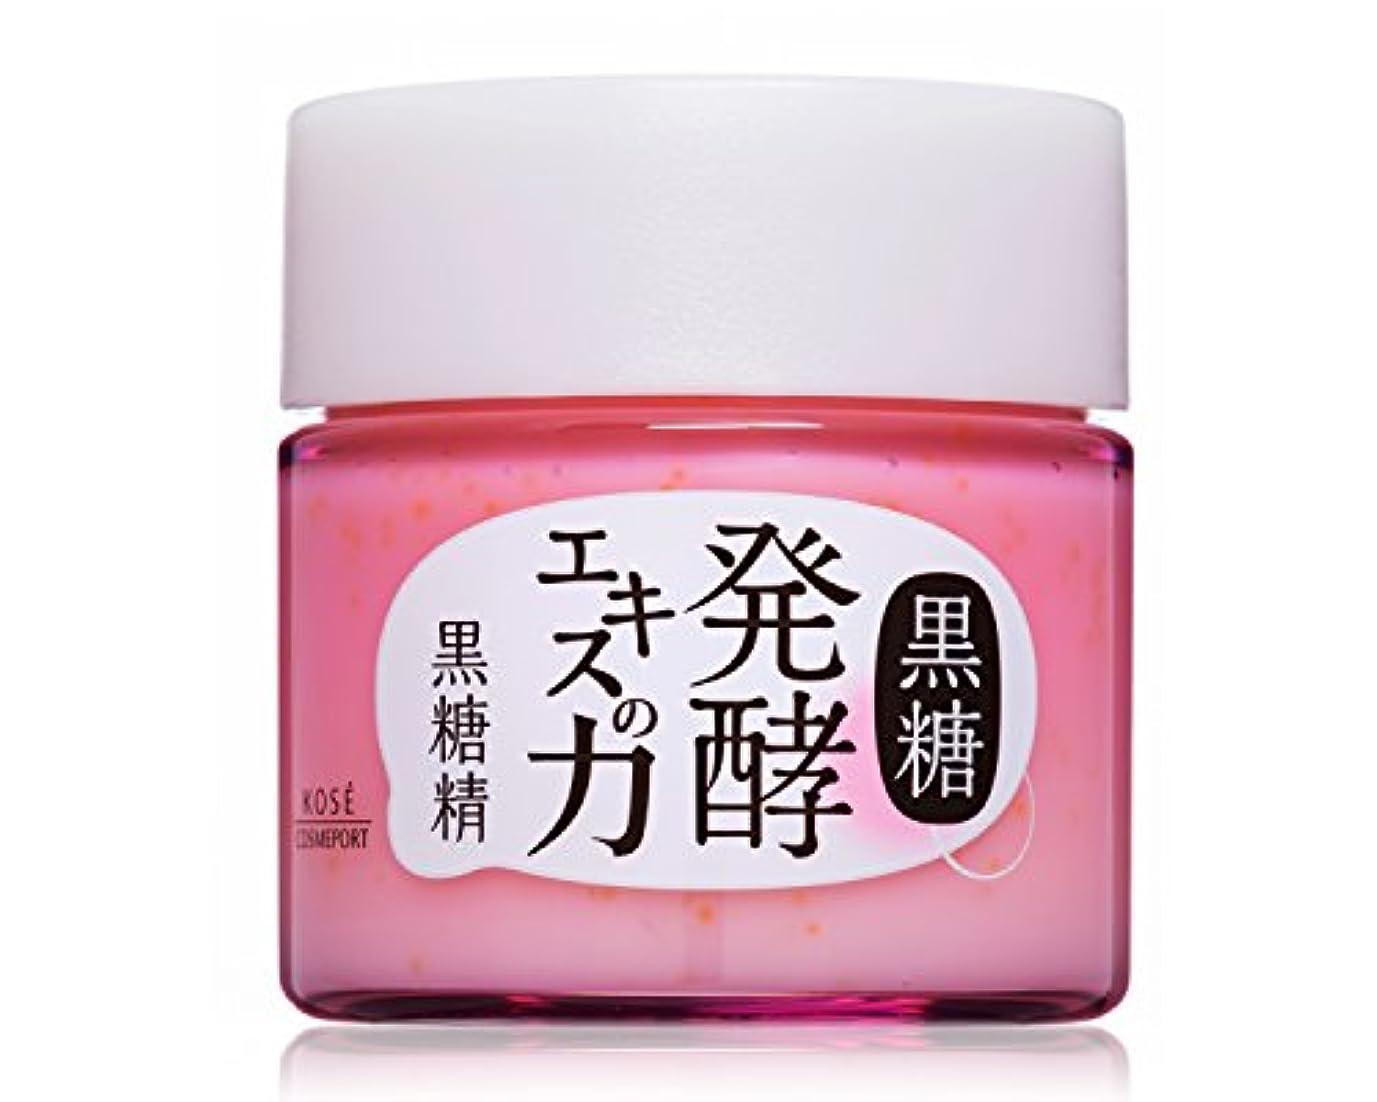 ビート香港地下室KOSE コーセー 黒糖精 美容液 オイルinクリーム 80g